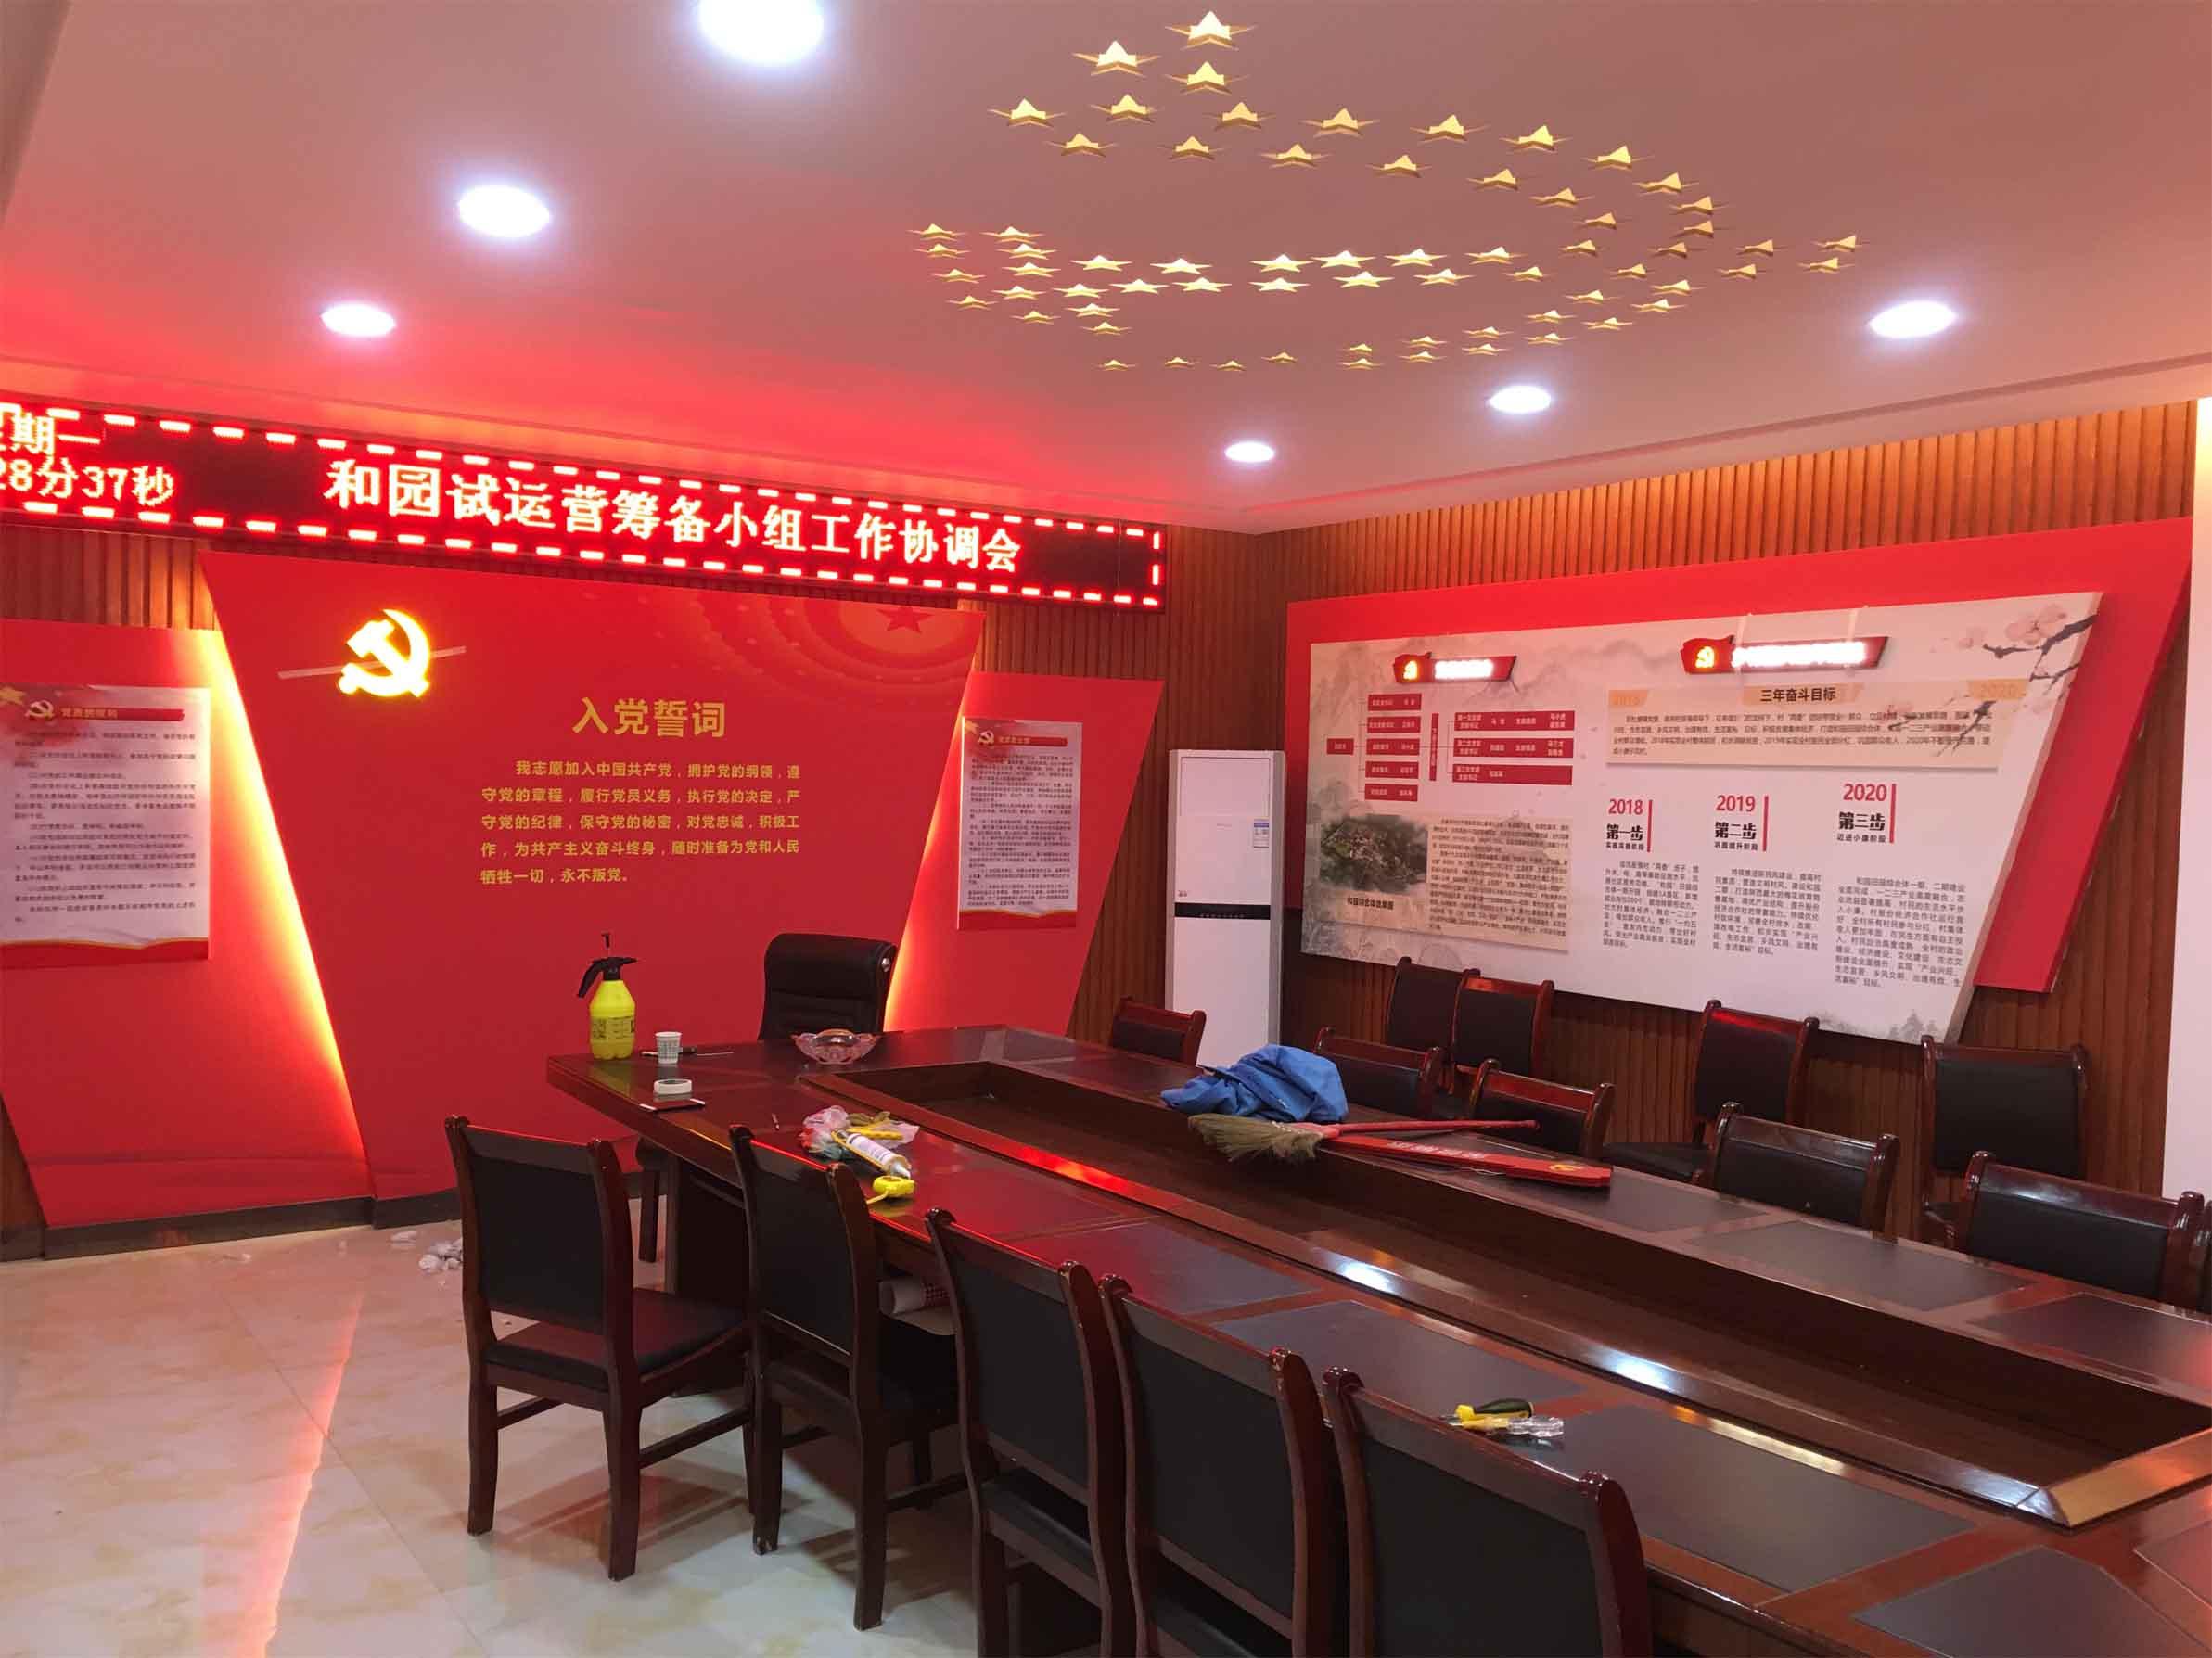 白水县杜康镇和园便民服务中心